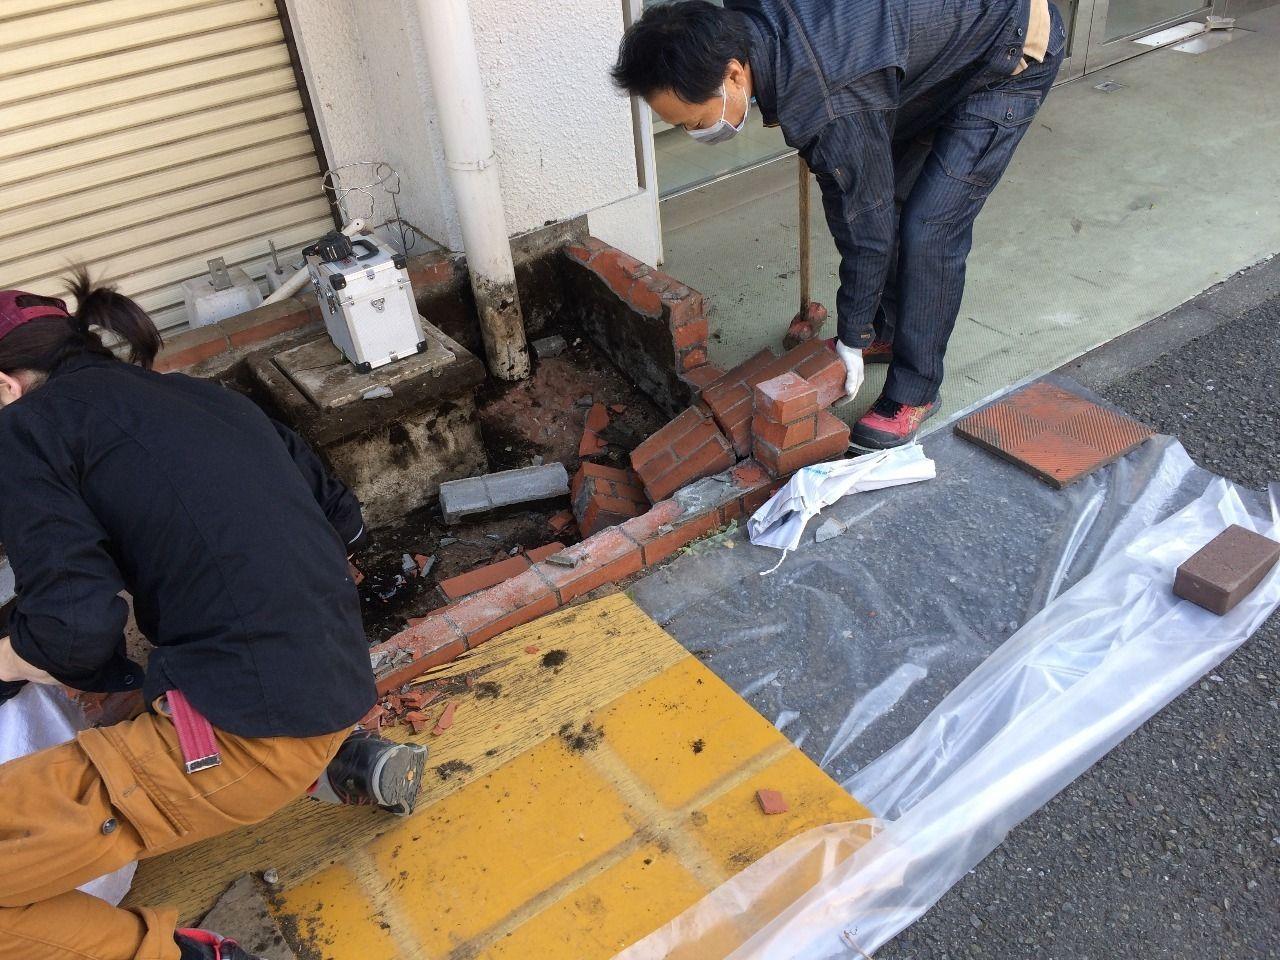 クーパーズ不動産の店先の花壇のレンガを解体